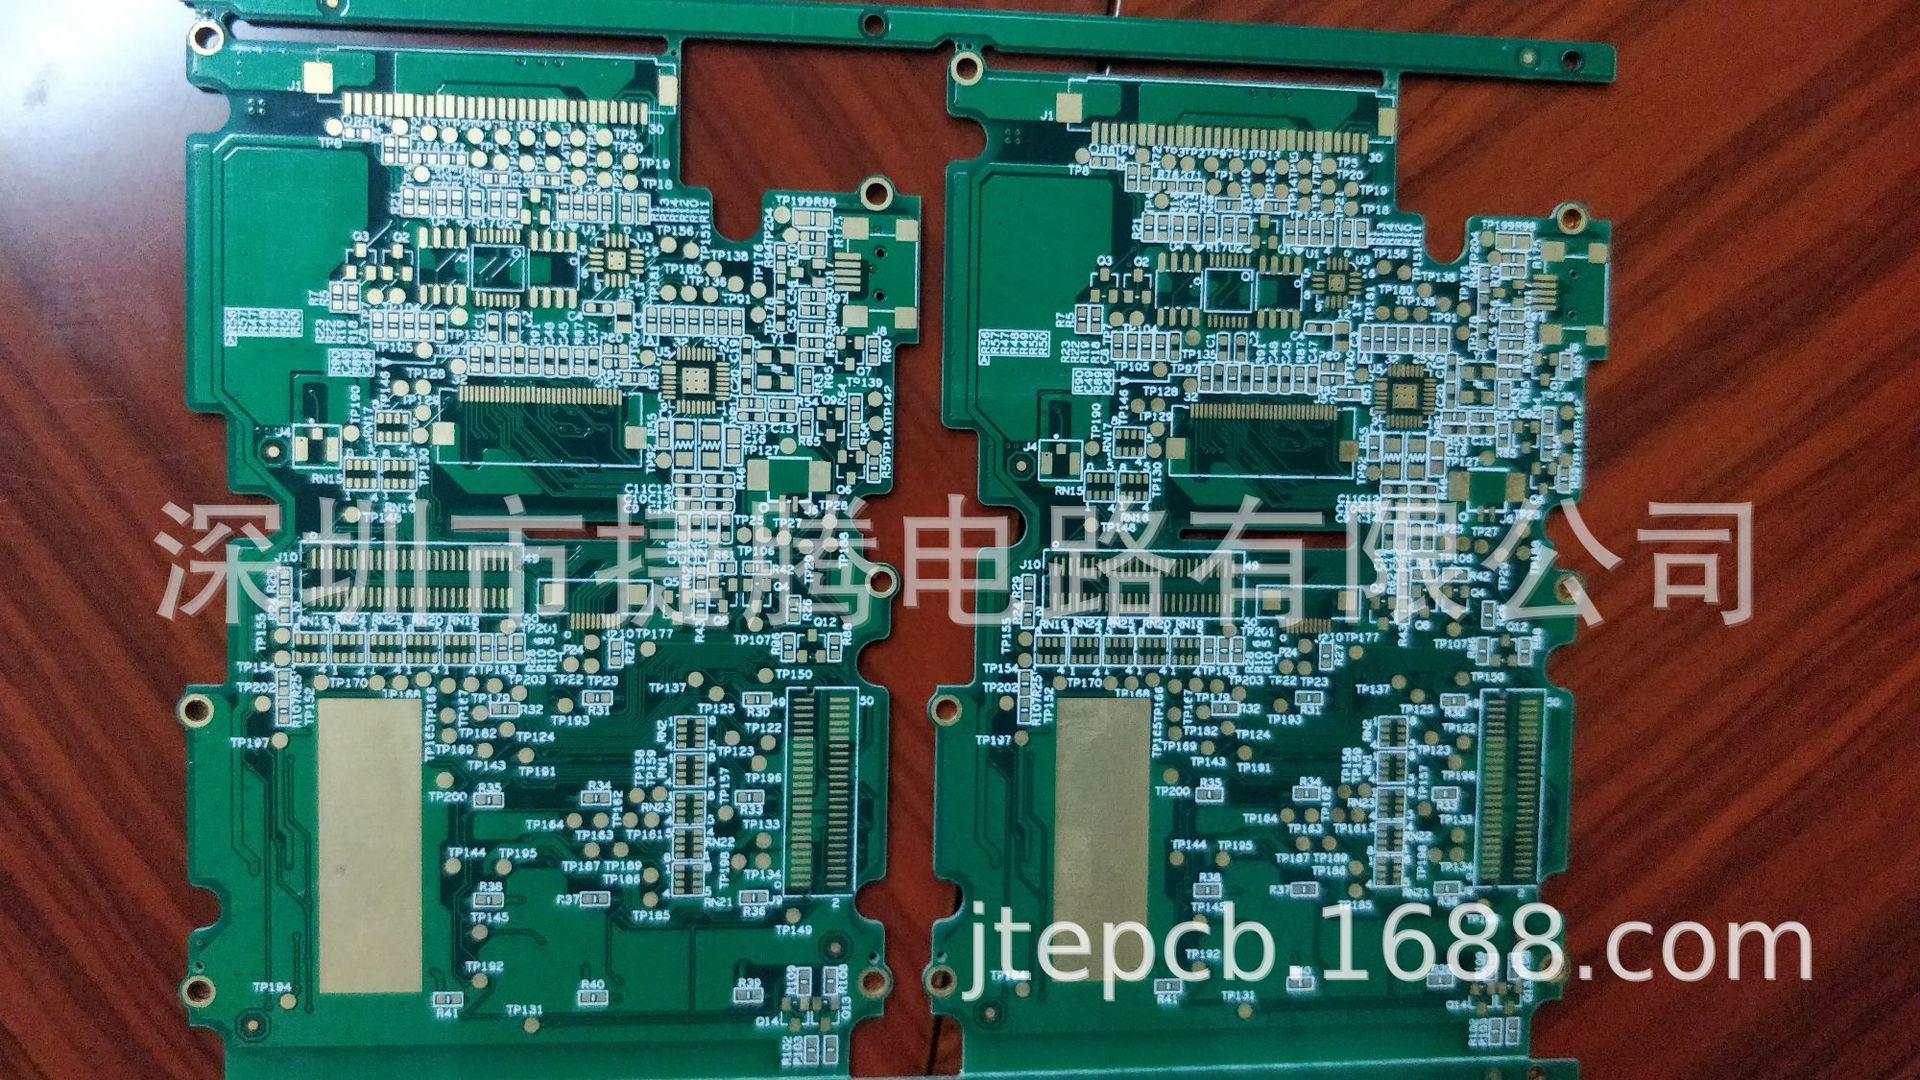 金属包边蓝牙耳机电路板生产厂家 四六层PCB线路板加急打样生产